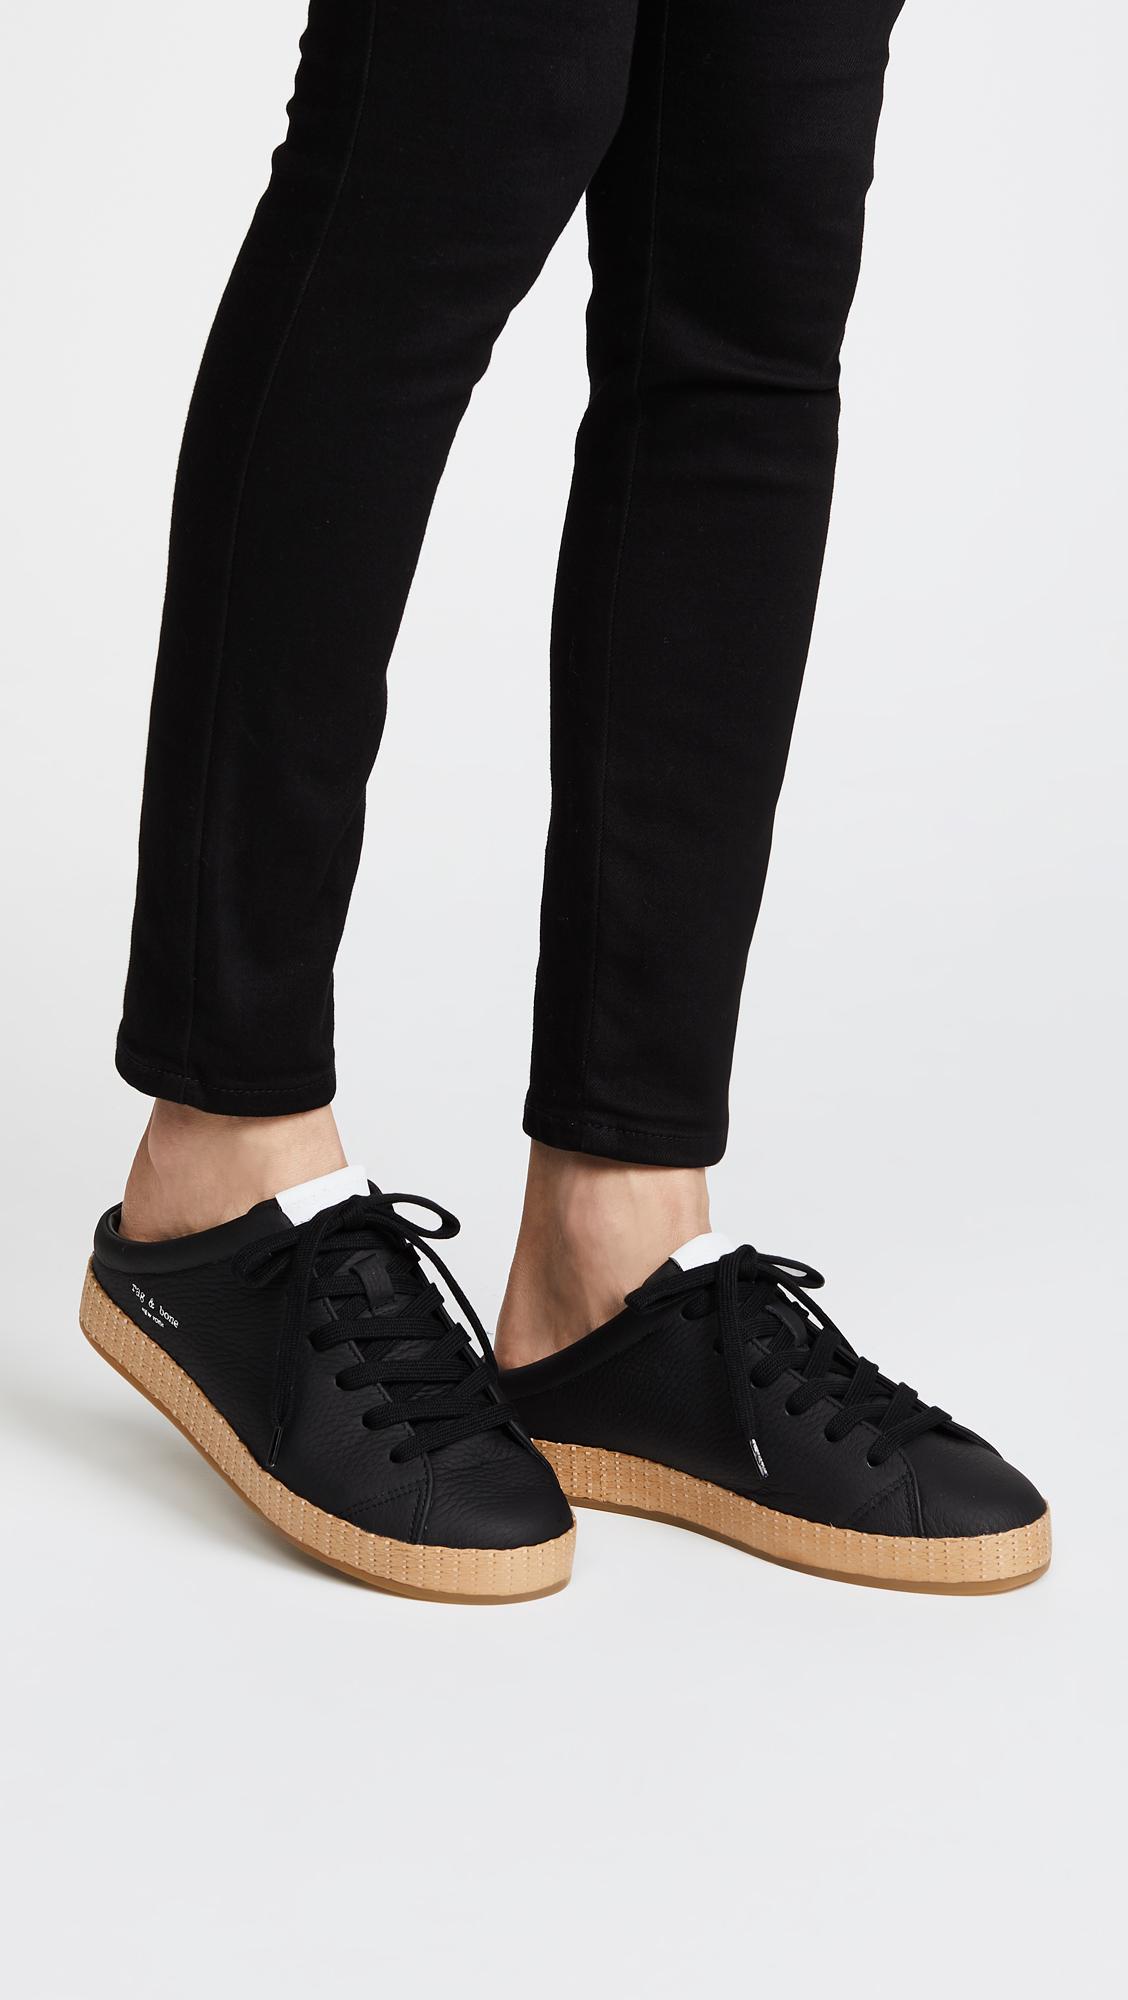 10529a00b53d3 Rag & Bone RB1 Mule Sneakers | SHOPBOP